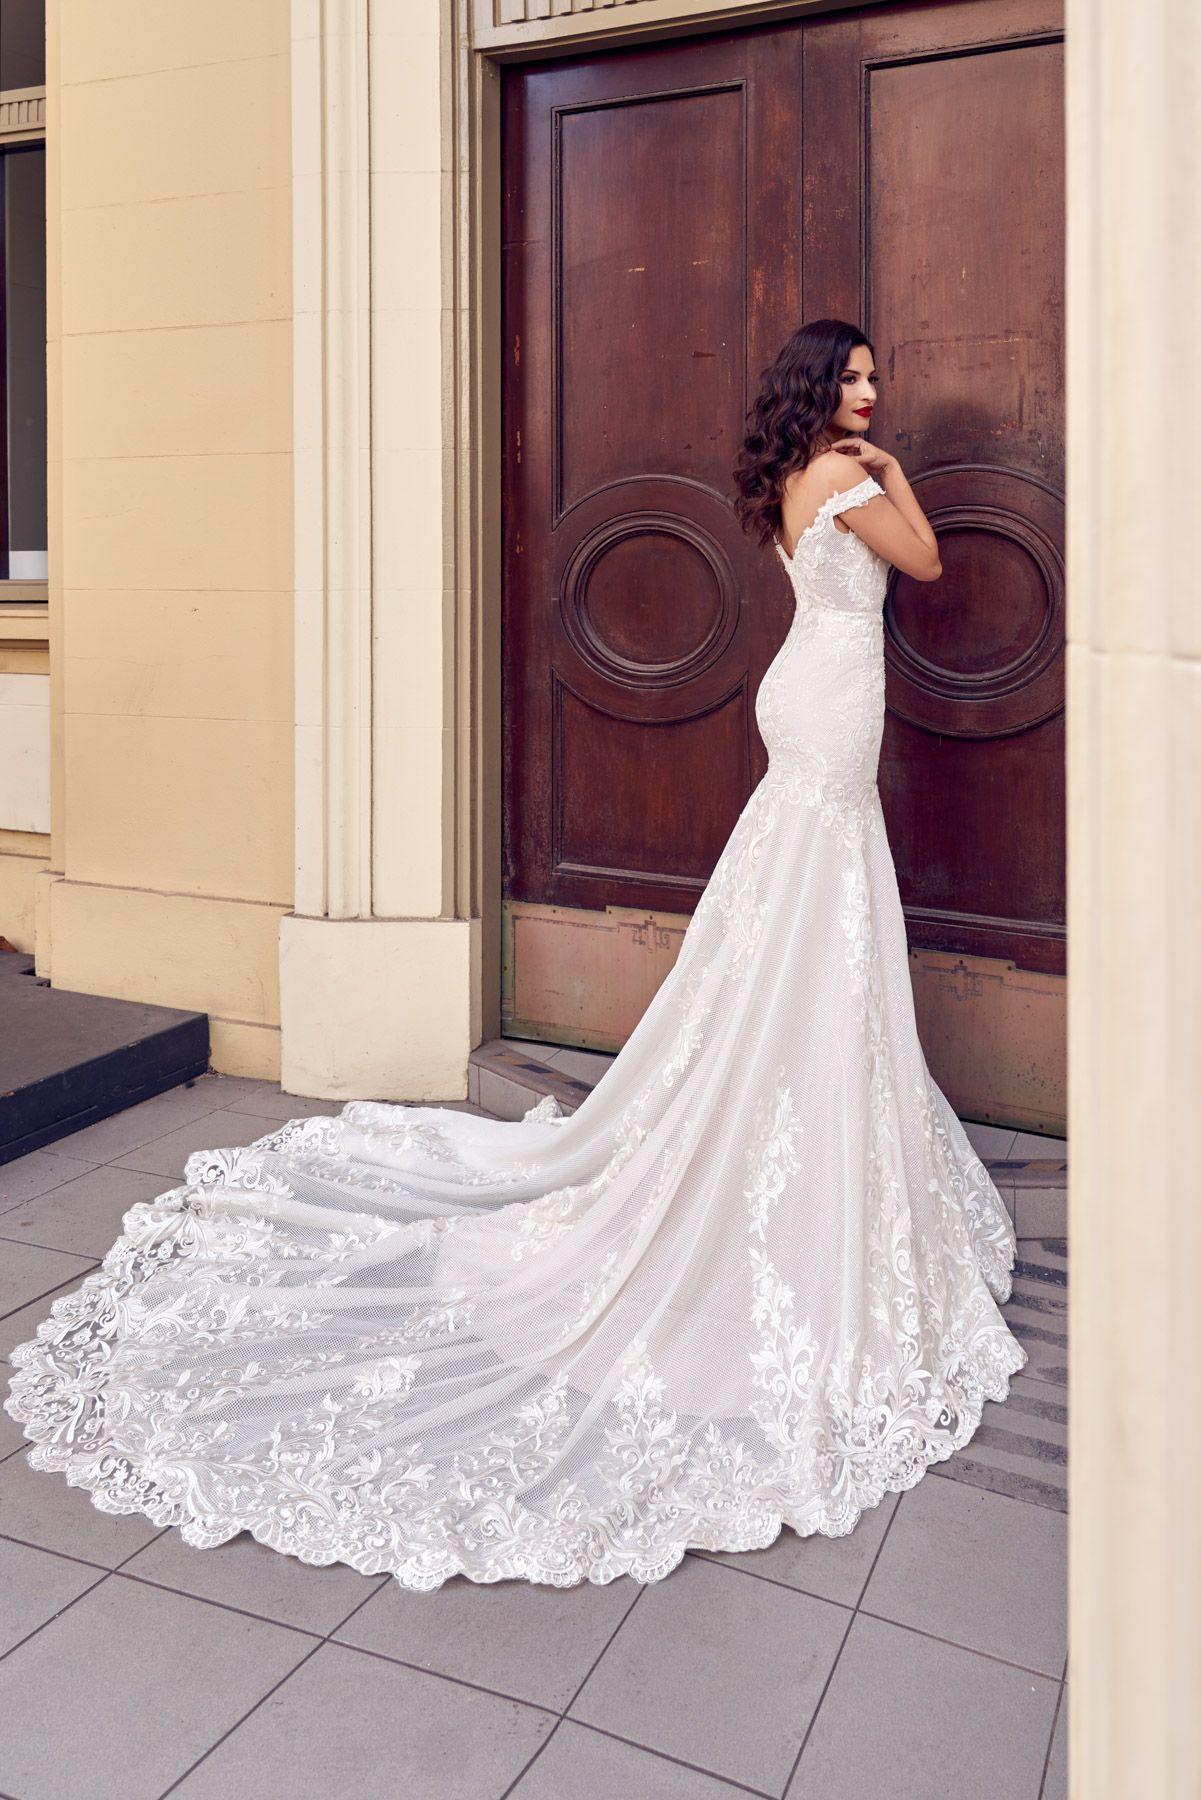 Zb 245 1z Wedding Dresses Wedding Dress Shopping Dreamy